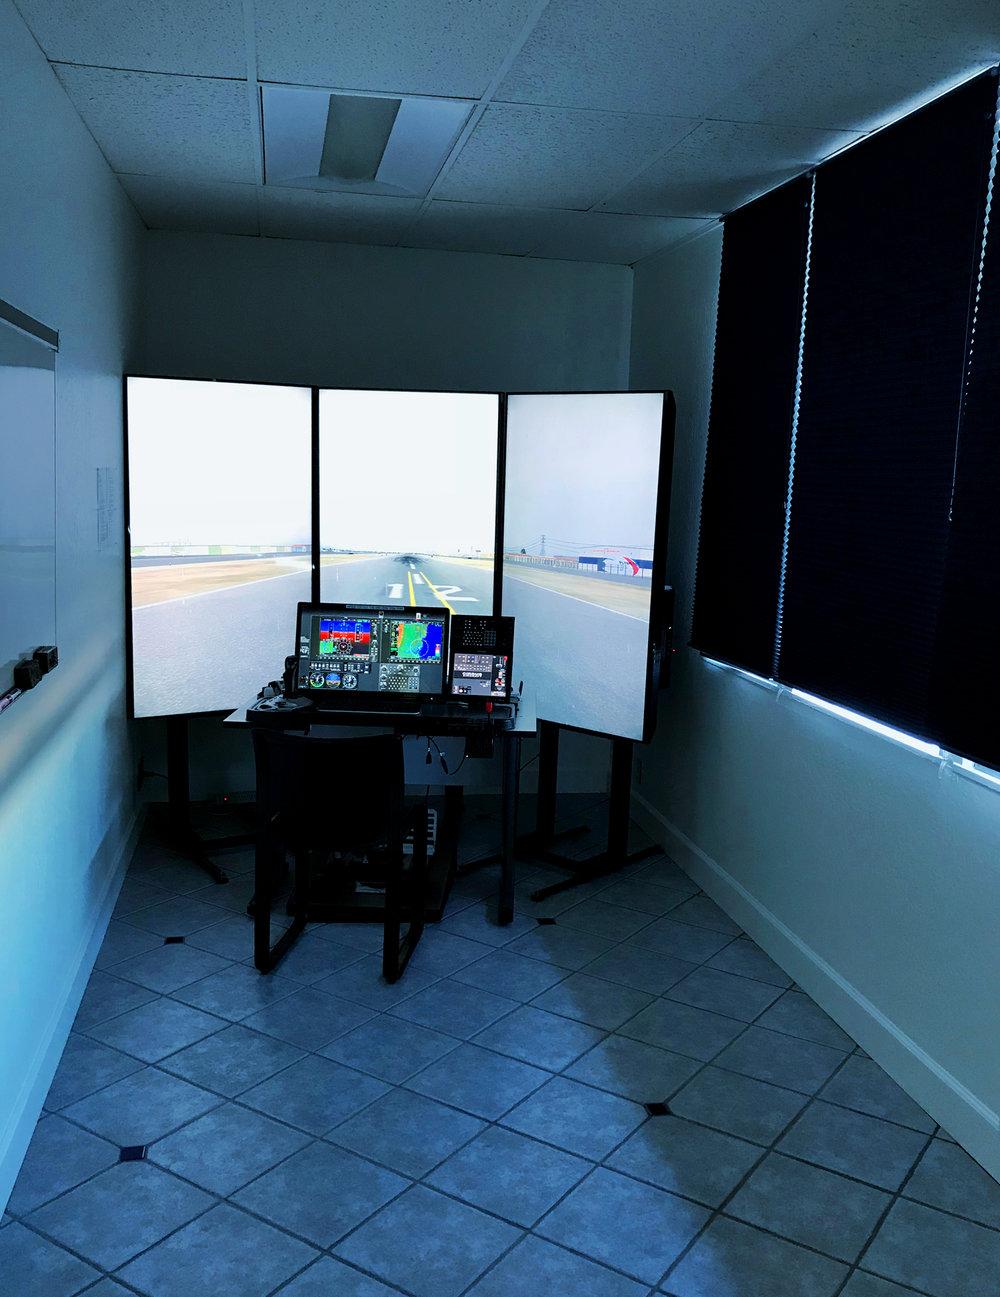 JATO-sim-room.jpg